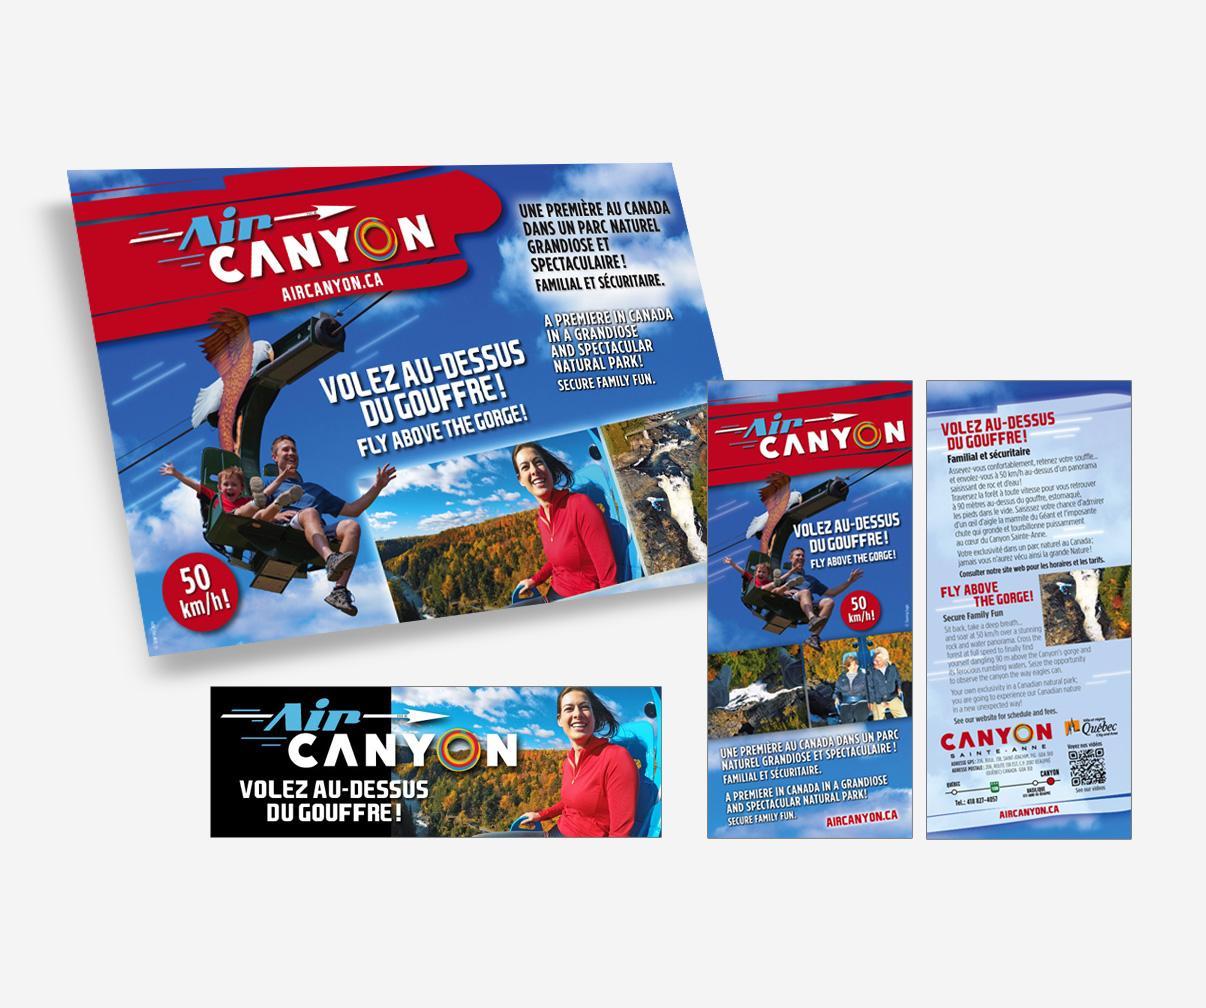 Canyon Sainte-Anne - Publicités Air Canyon